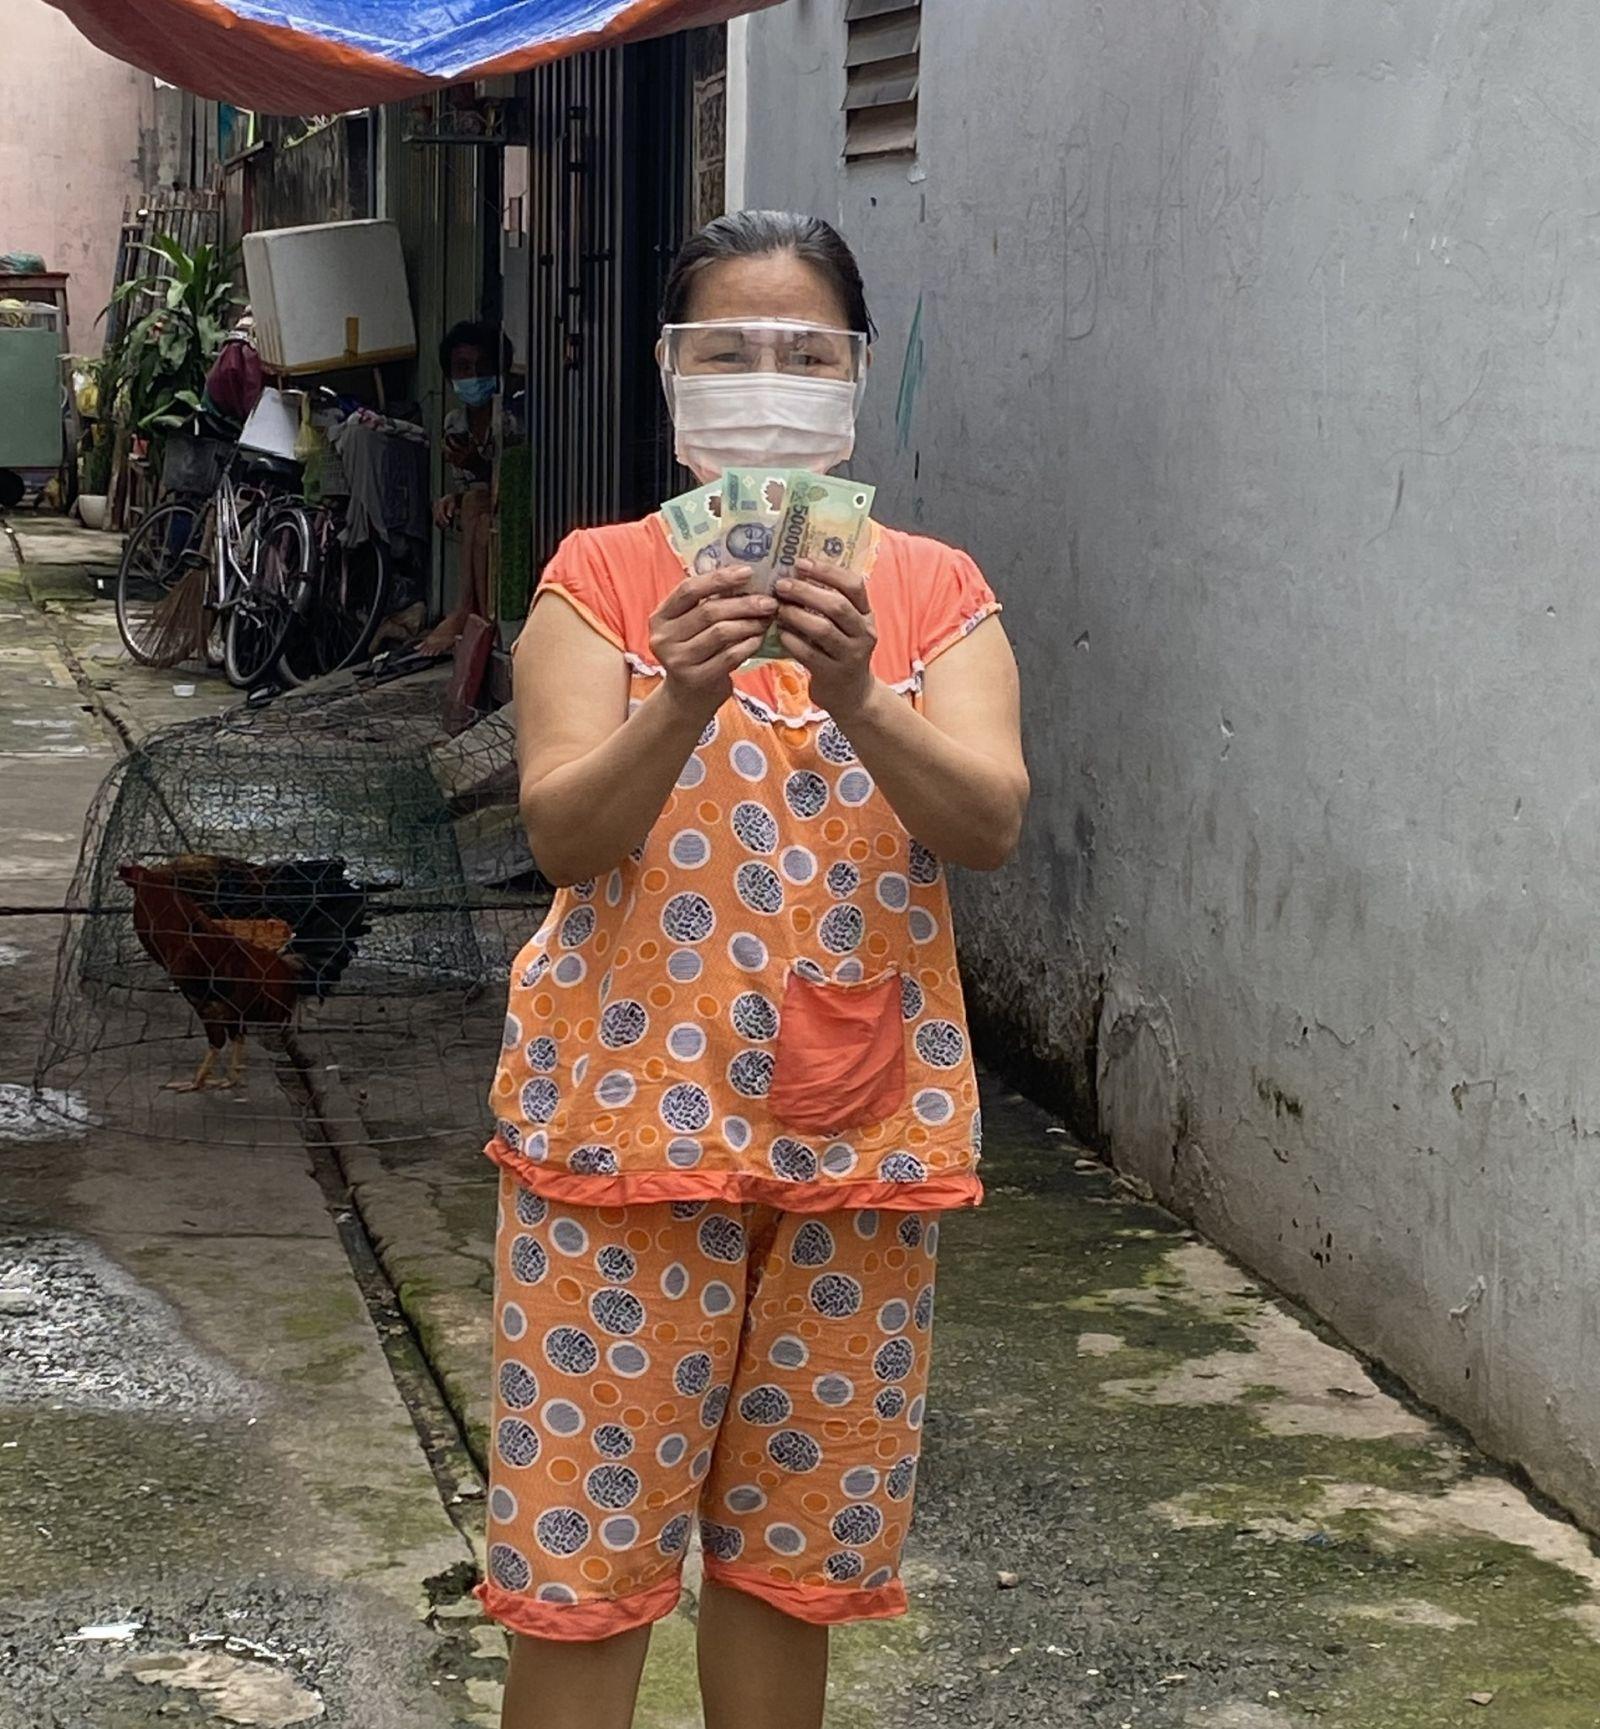 Người dân đang điều trị F0 tại nhà được nhận tiền hỗ trợ đợt 2 thông qua tổ trưởng tổ dân phố